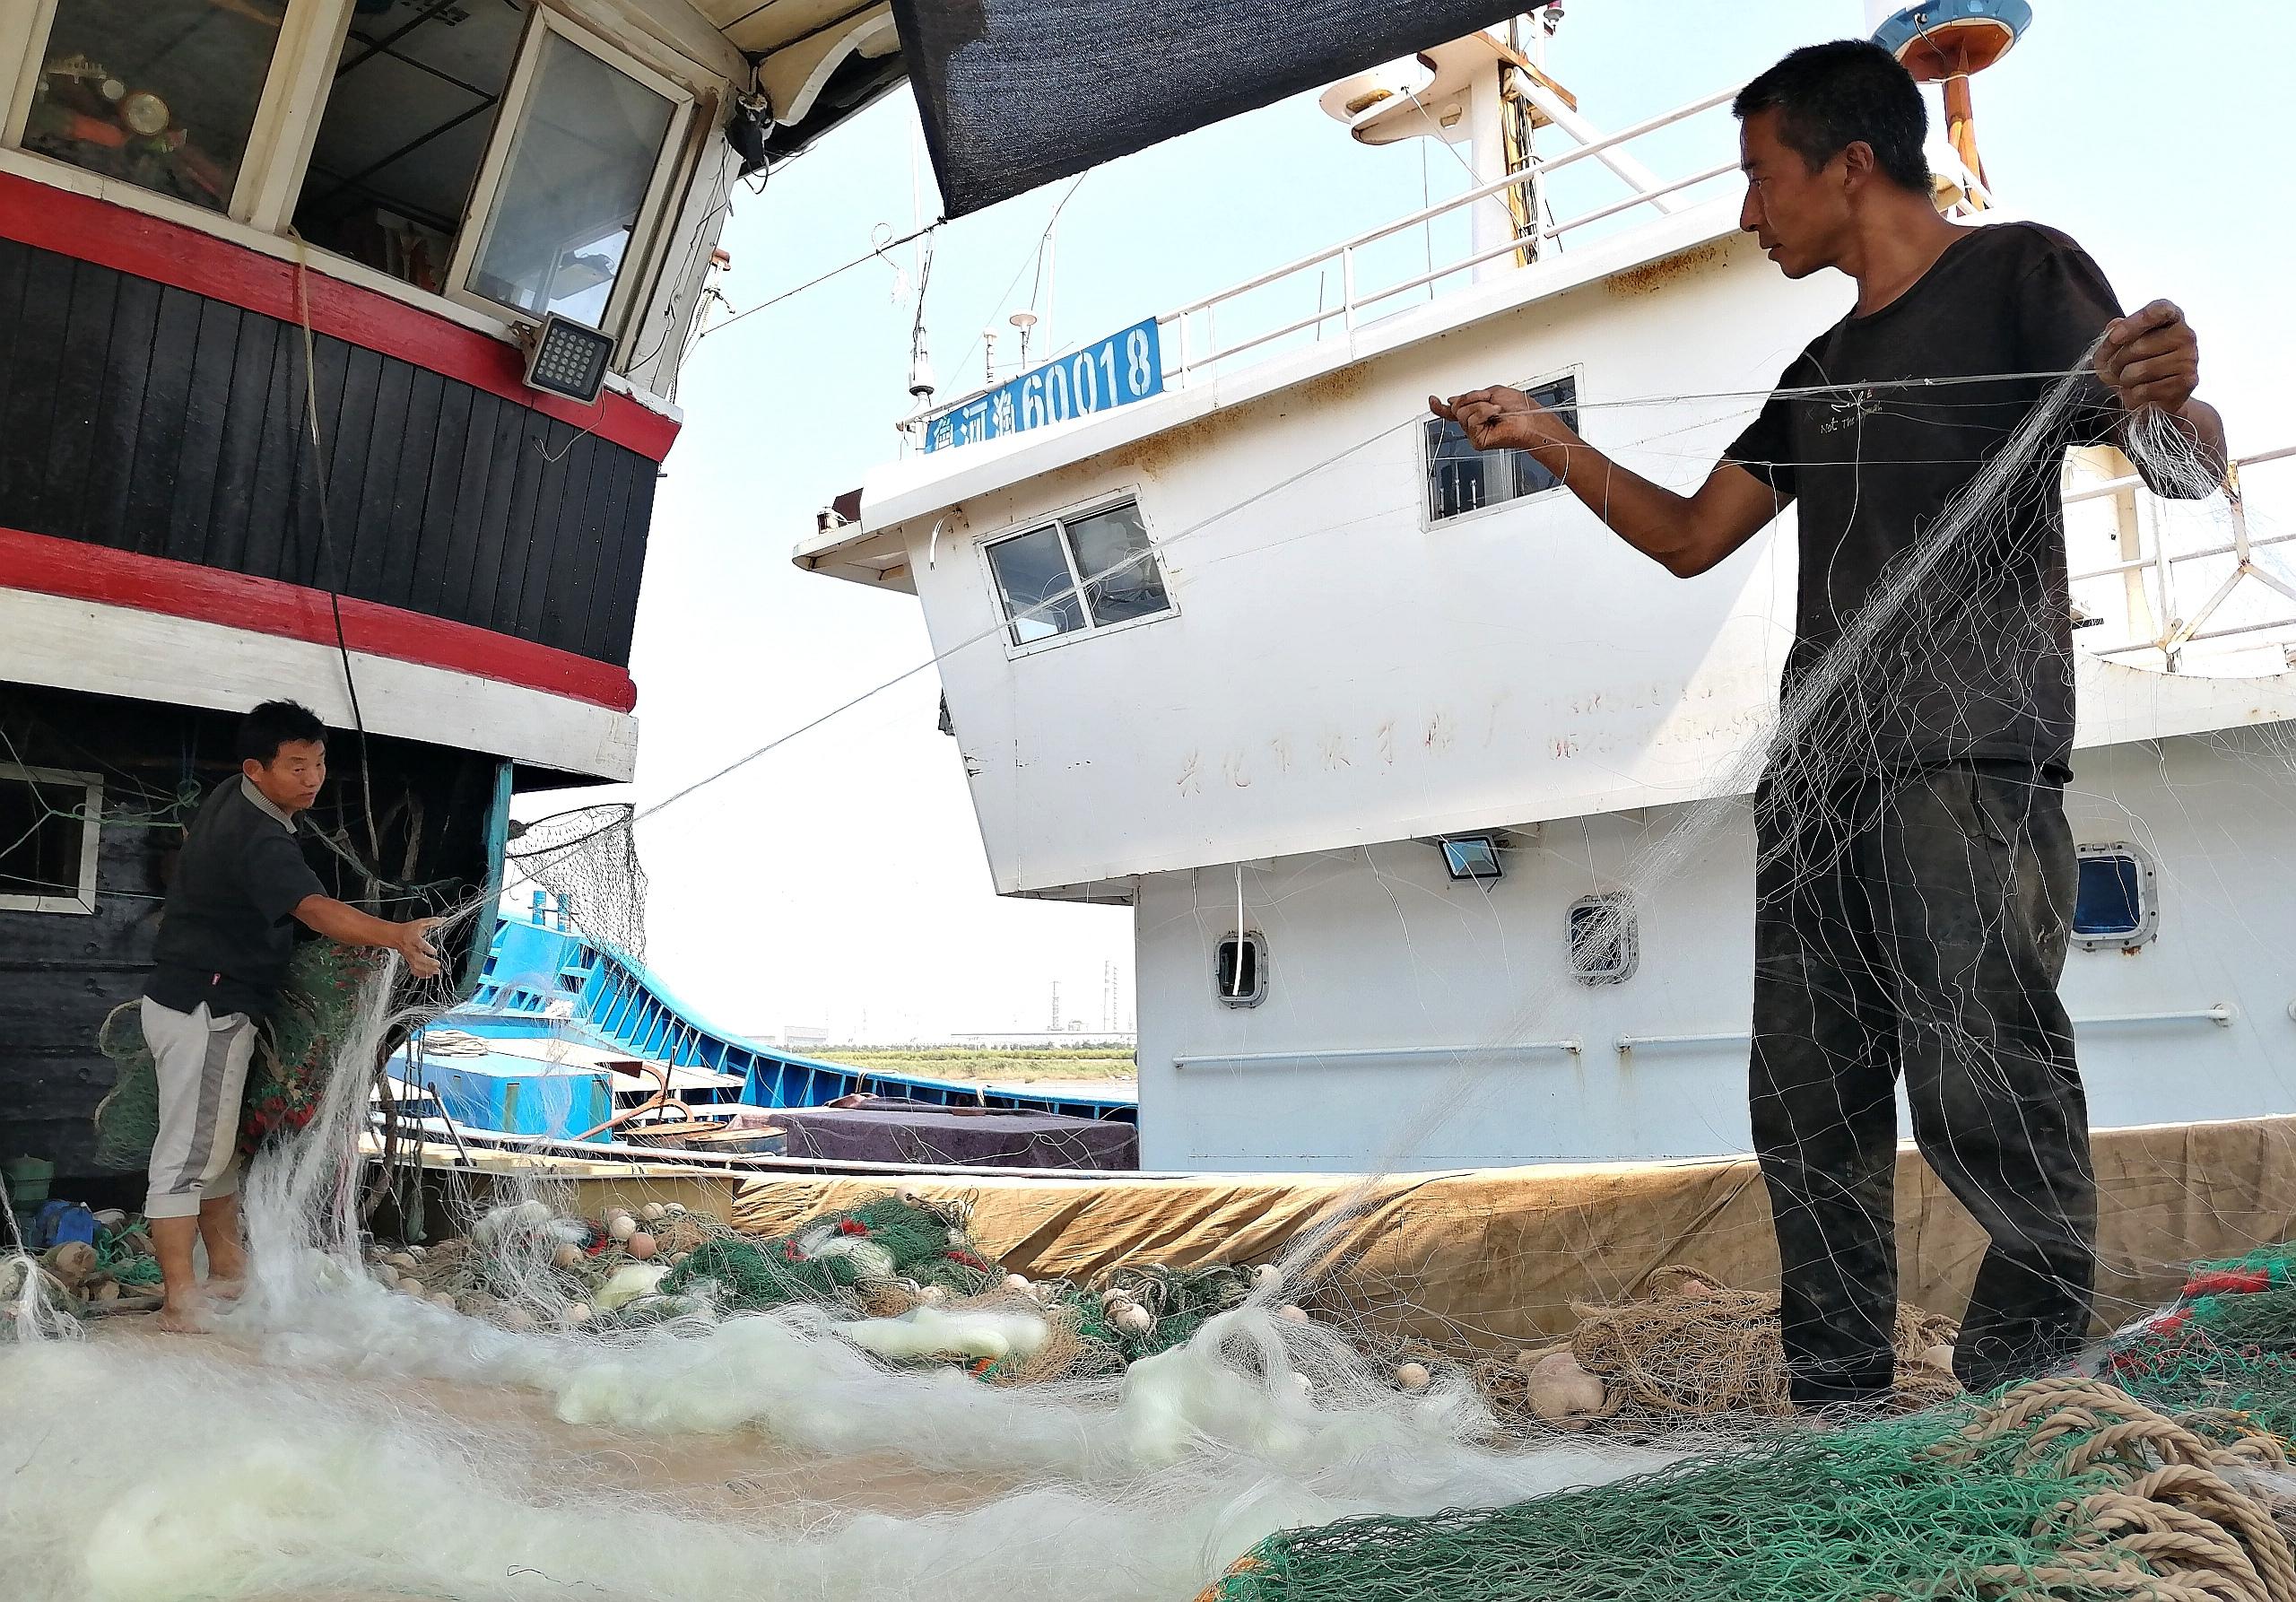 休渔期结束,东营广利港开海忙 虾蟹正肥美,吃货们有口福啦